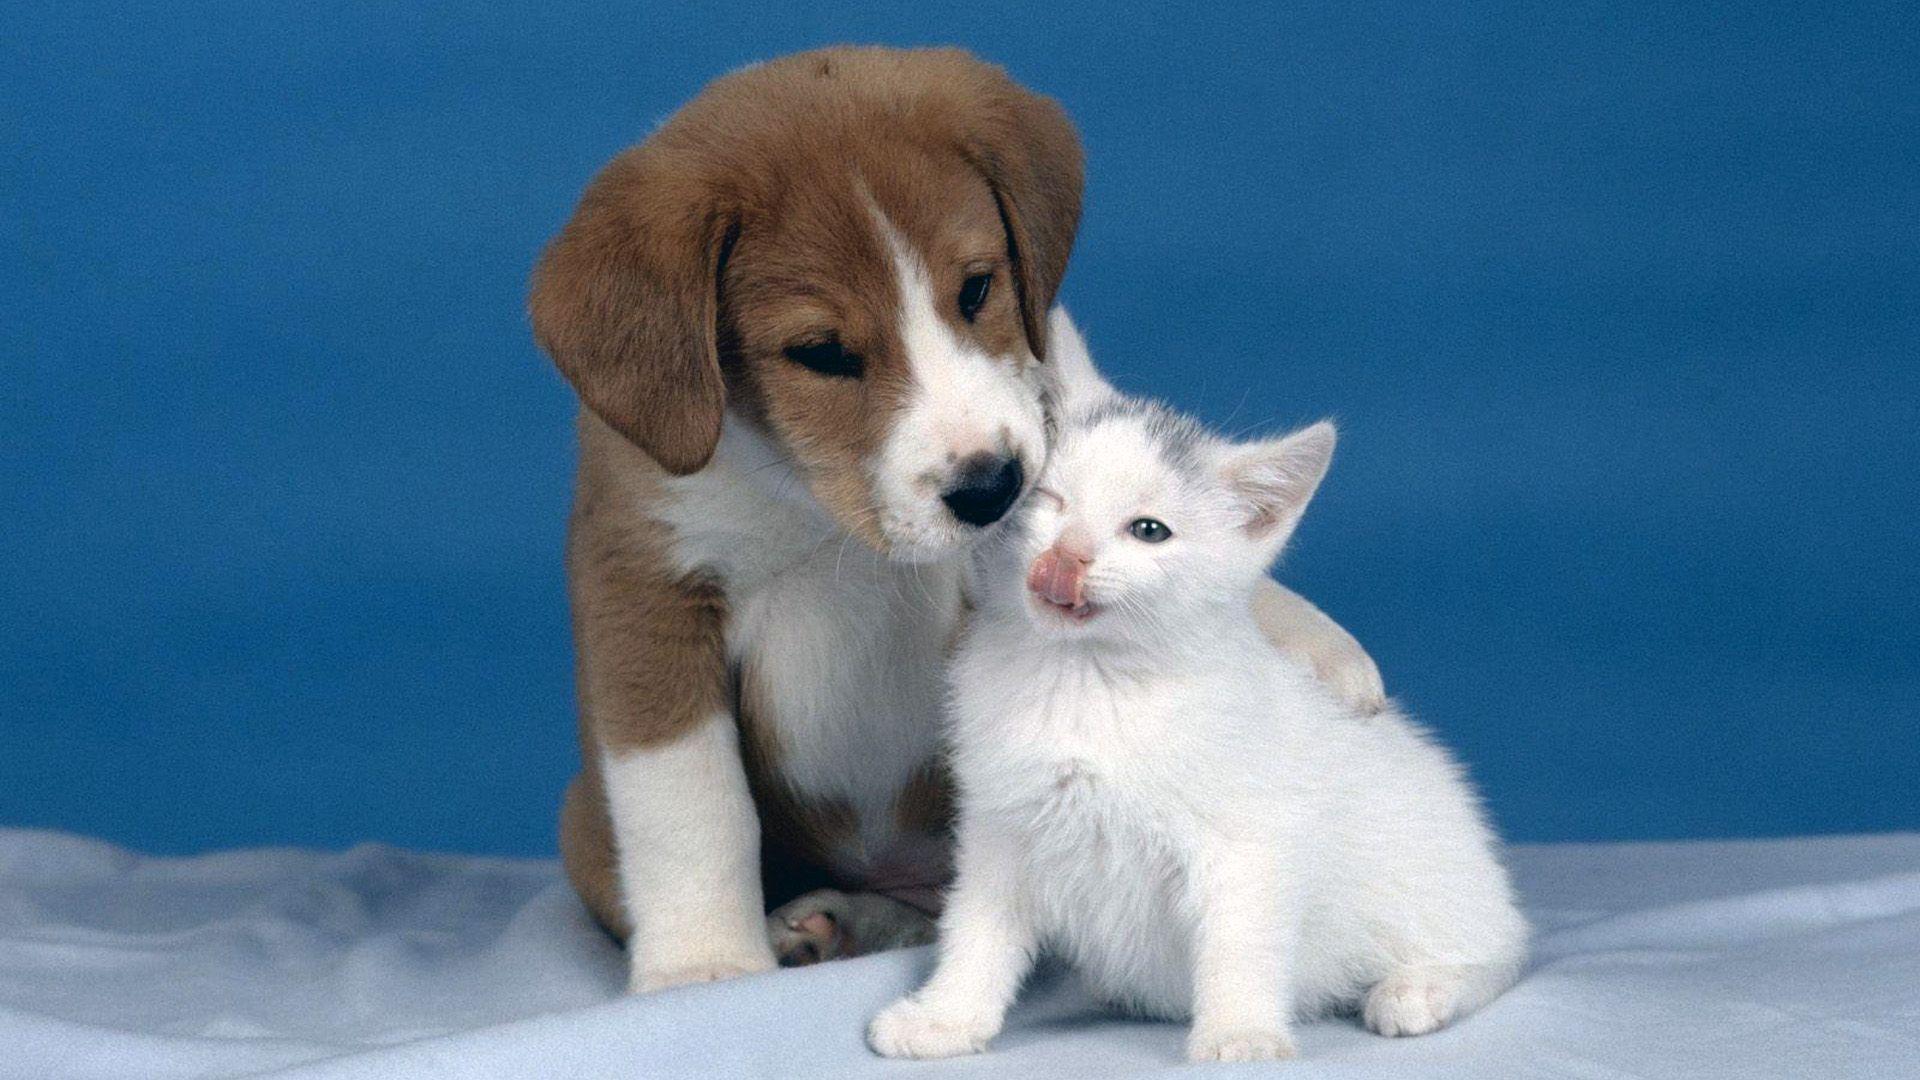 Puppy And Kitten full screen hd wallpaper